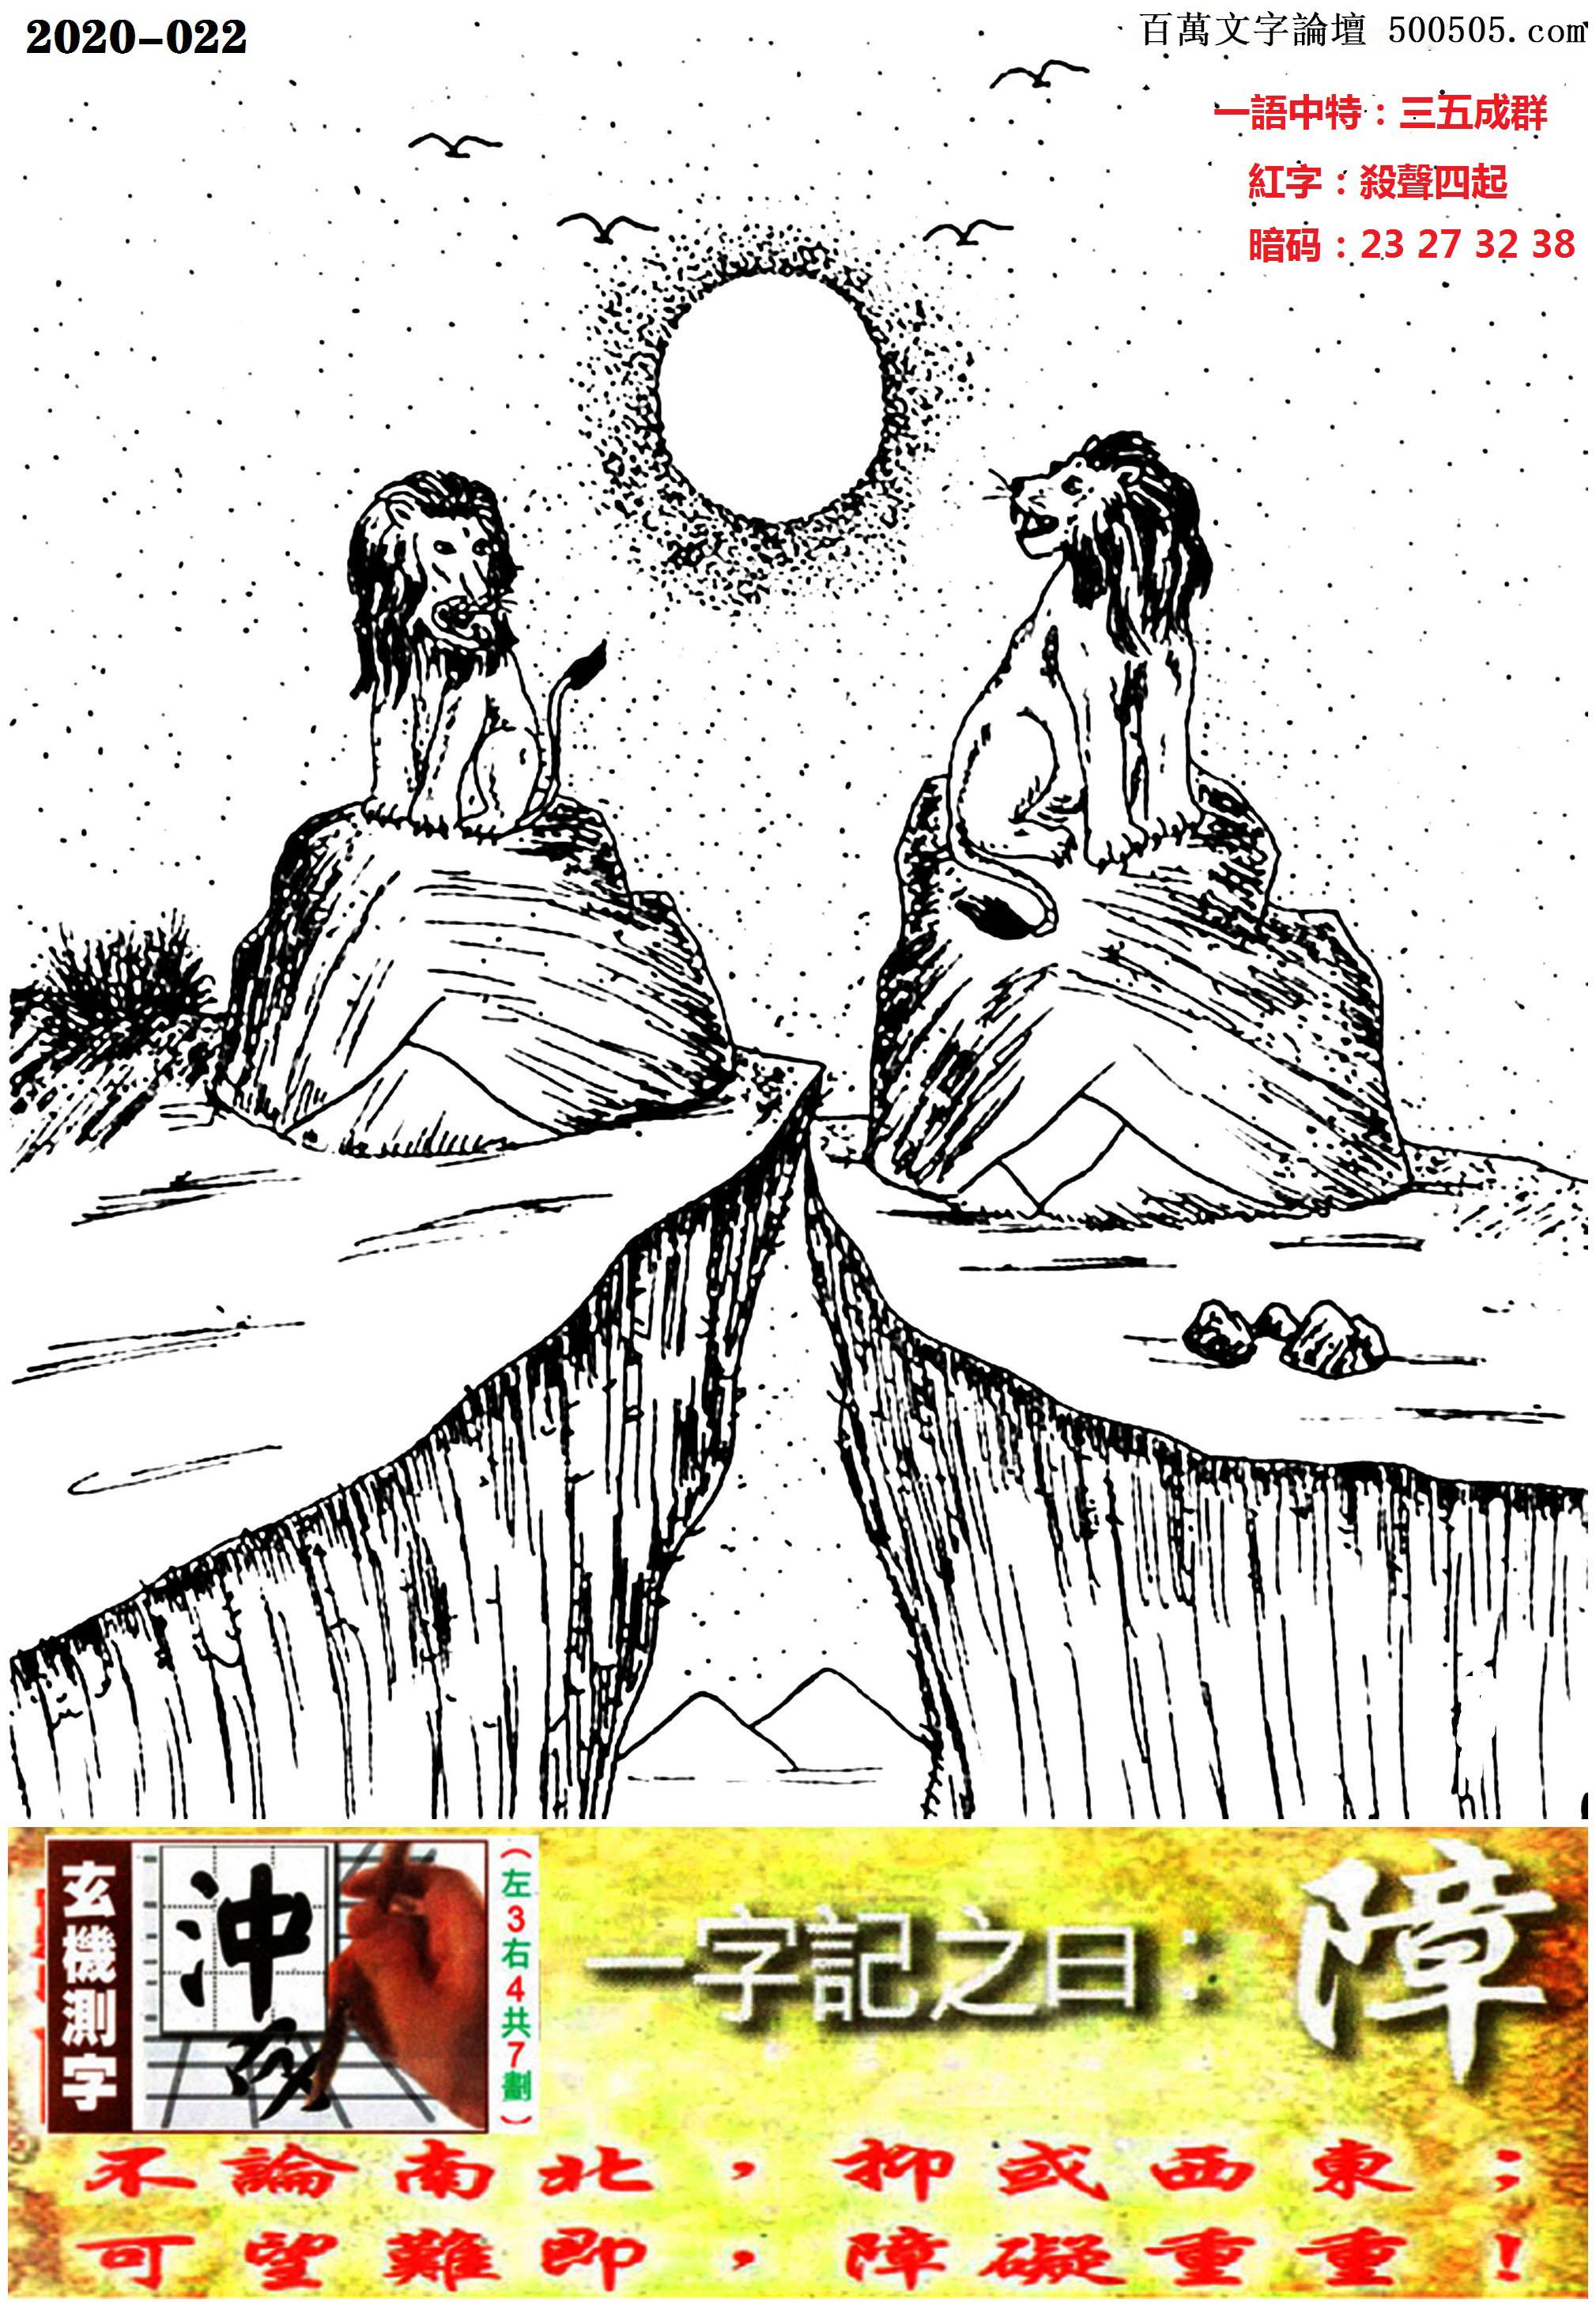 022期跑狗一字�之曰:【障】_不�南北,抑或西�|;_可望�y即,障�K重重!